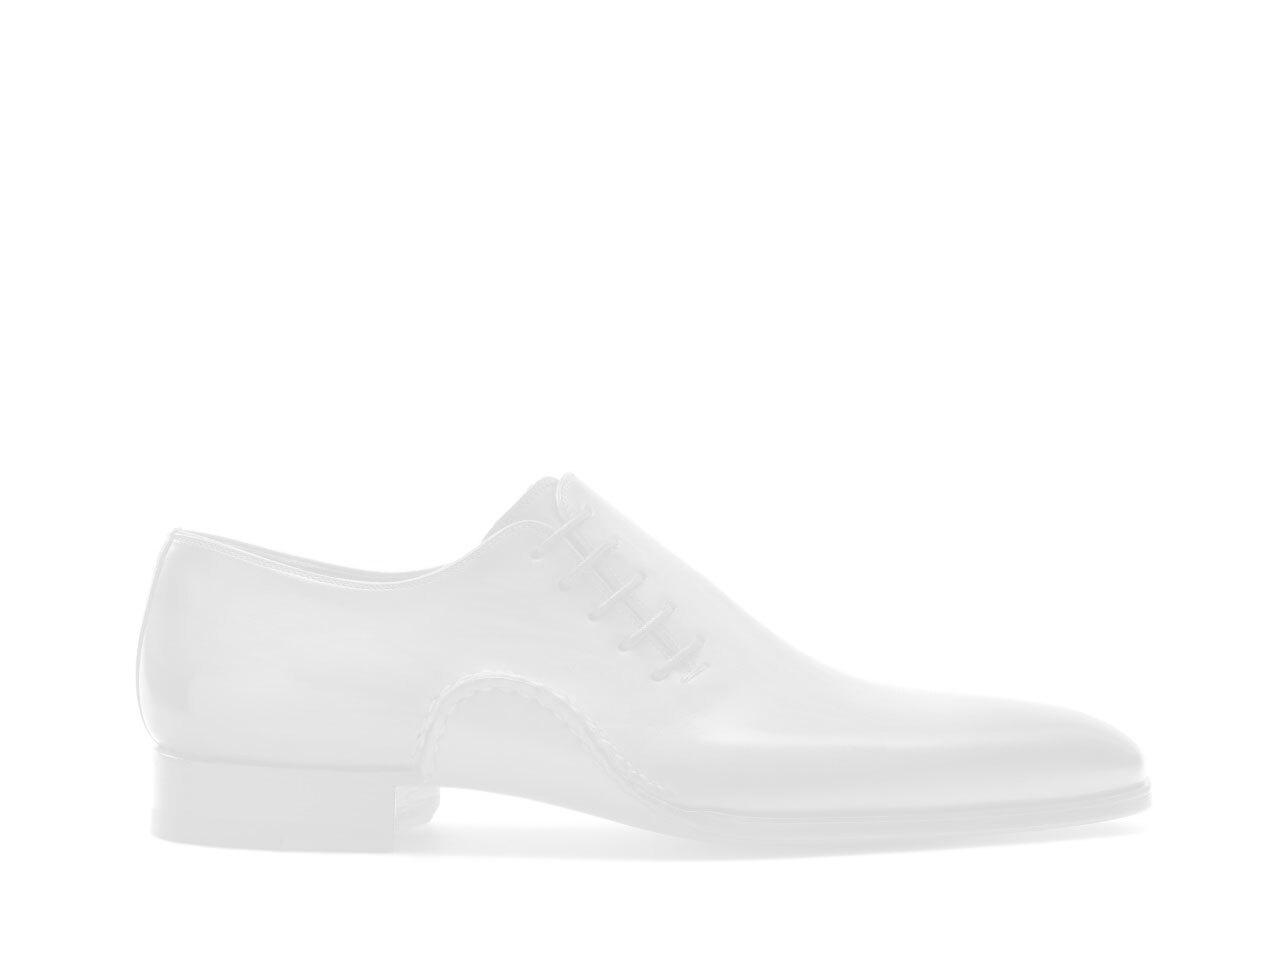 Side view of the Magnanni Merrion Cognac Men's Derby Shoes